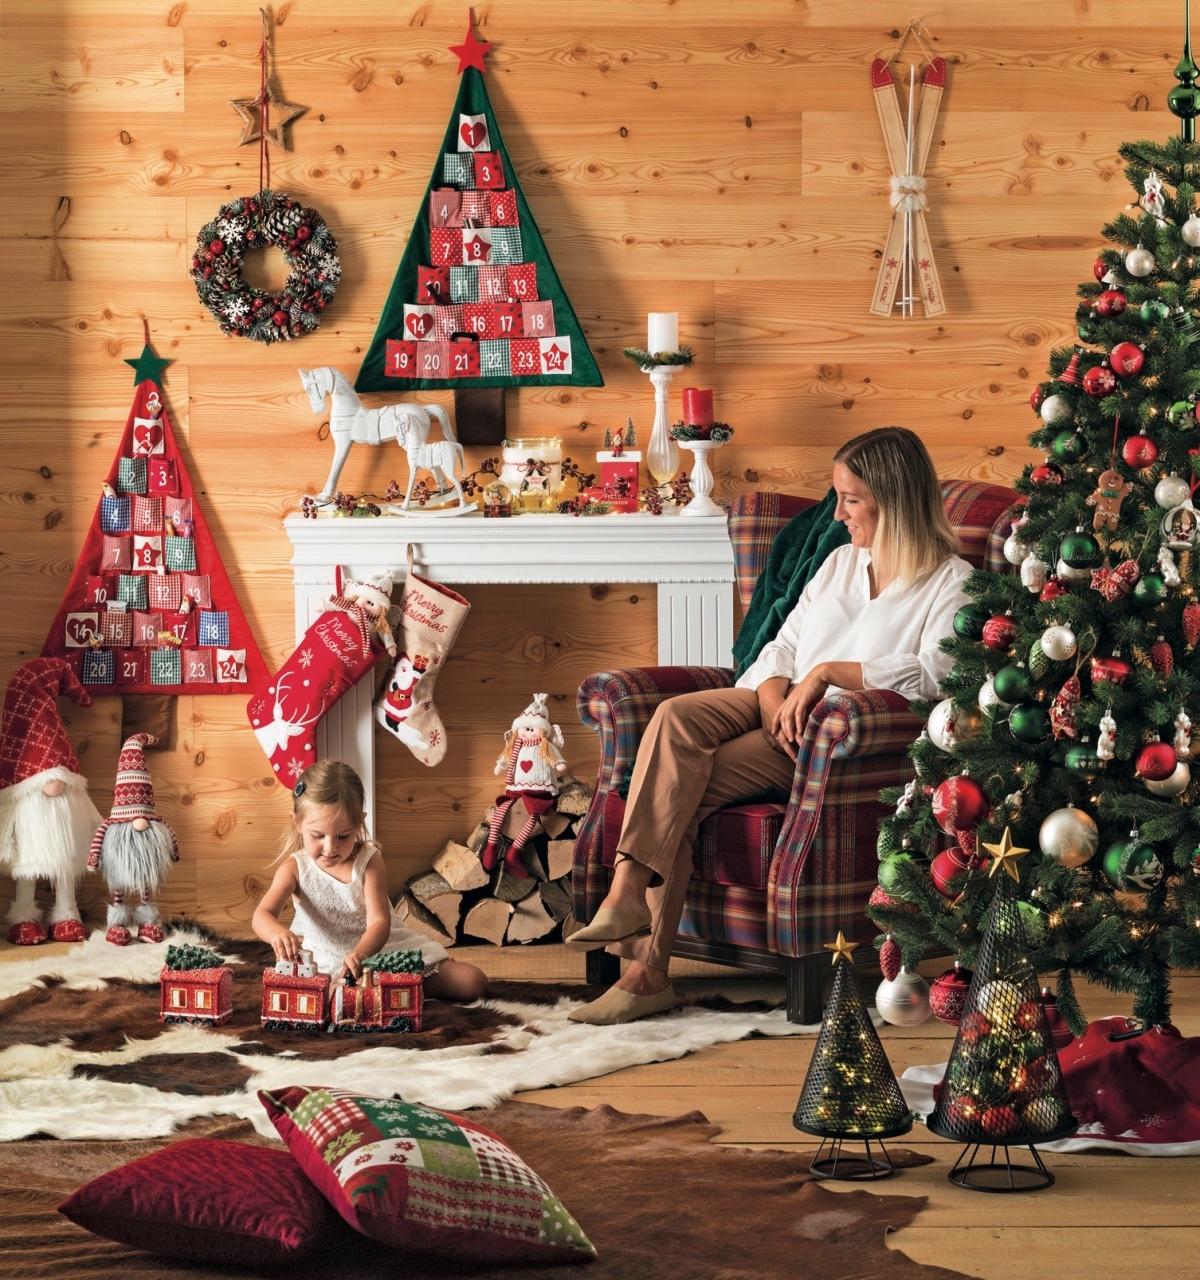 Frau und Kind sitzen vor Kamin und Christbaum in weihnachtlich geschmücktem Raum